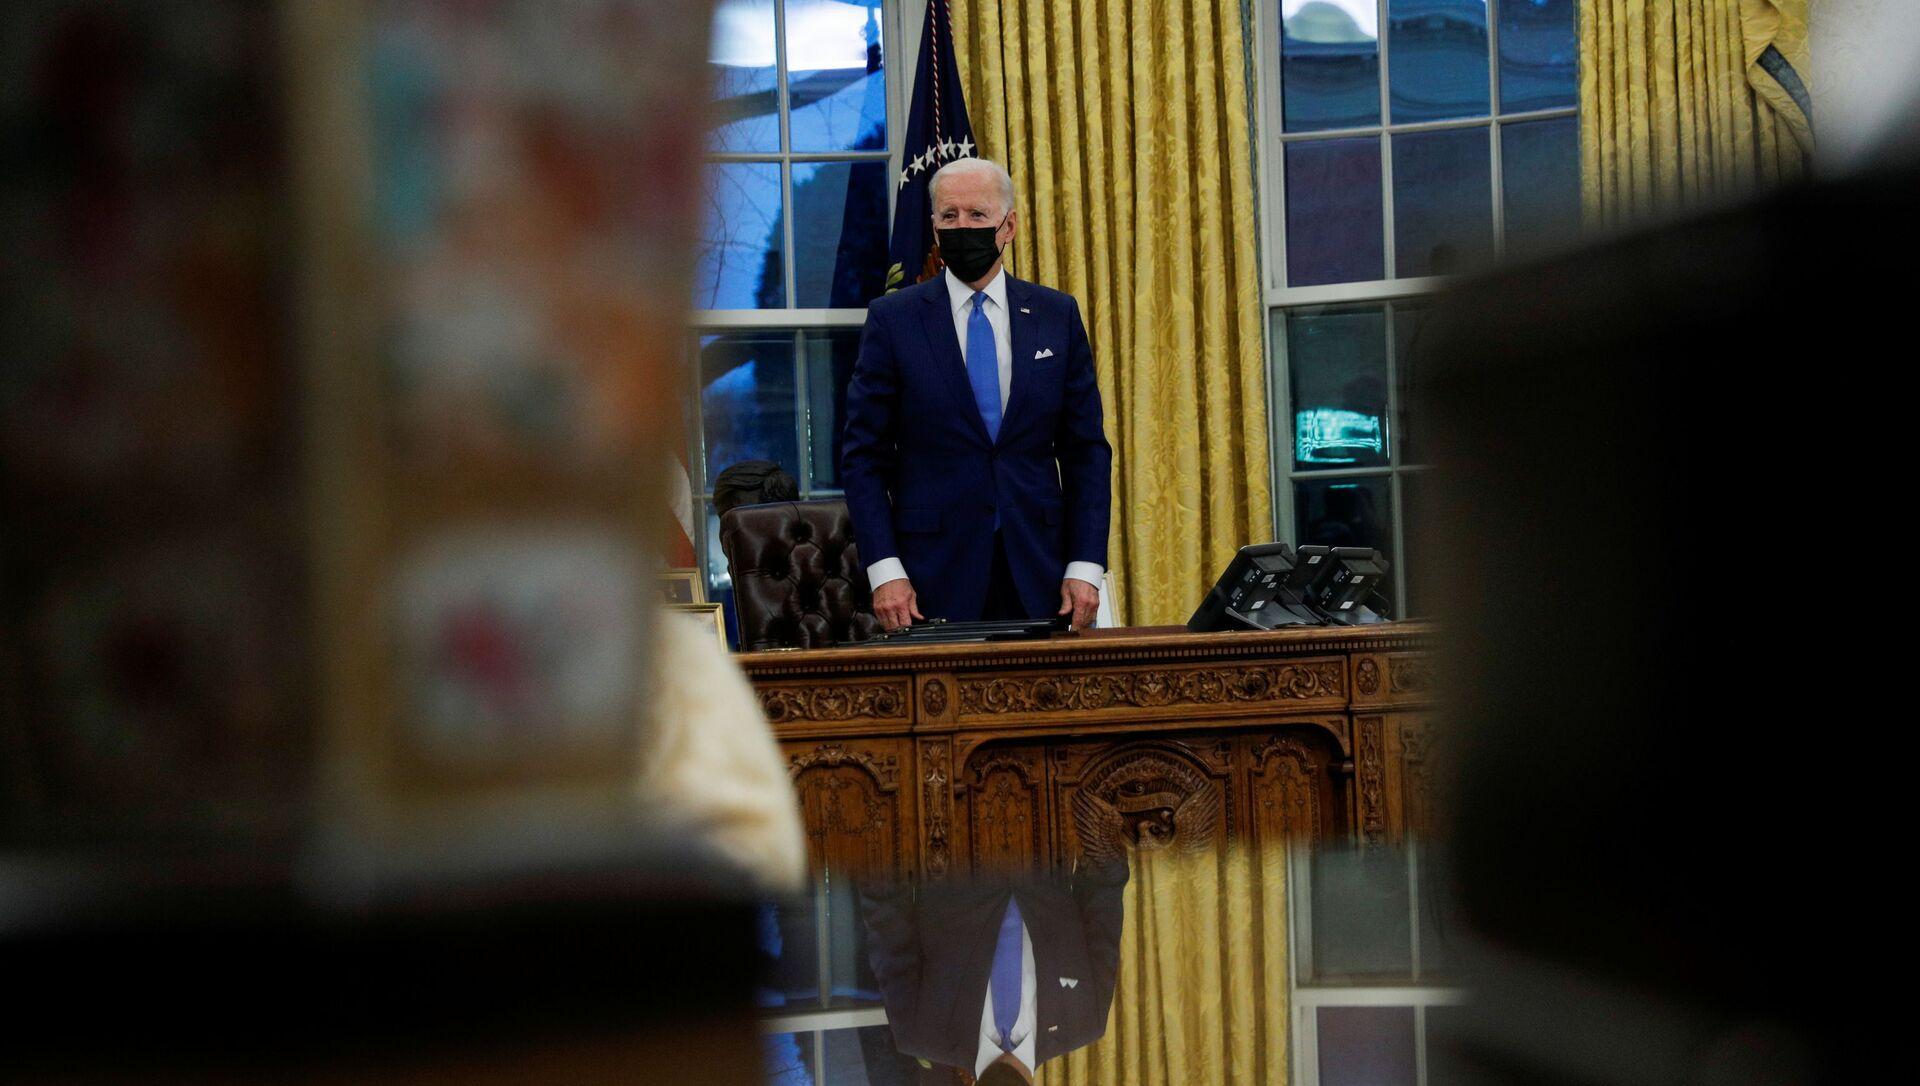 Joe Biden, presidente de EEUU, en el Despacho Oval de la Casa Blanca - Sputnik Mundo, 1920, 04.02.2021